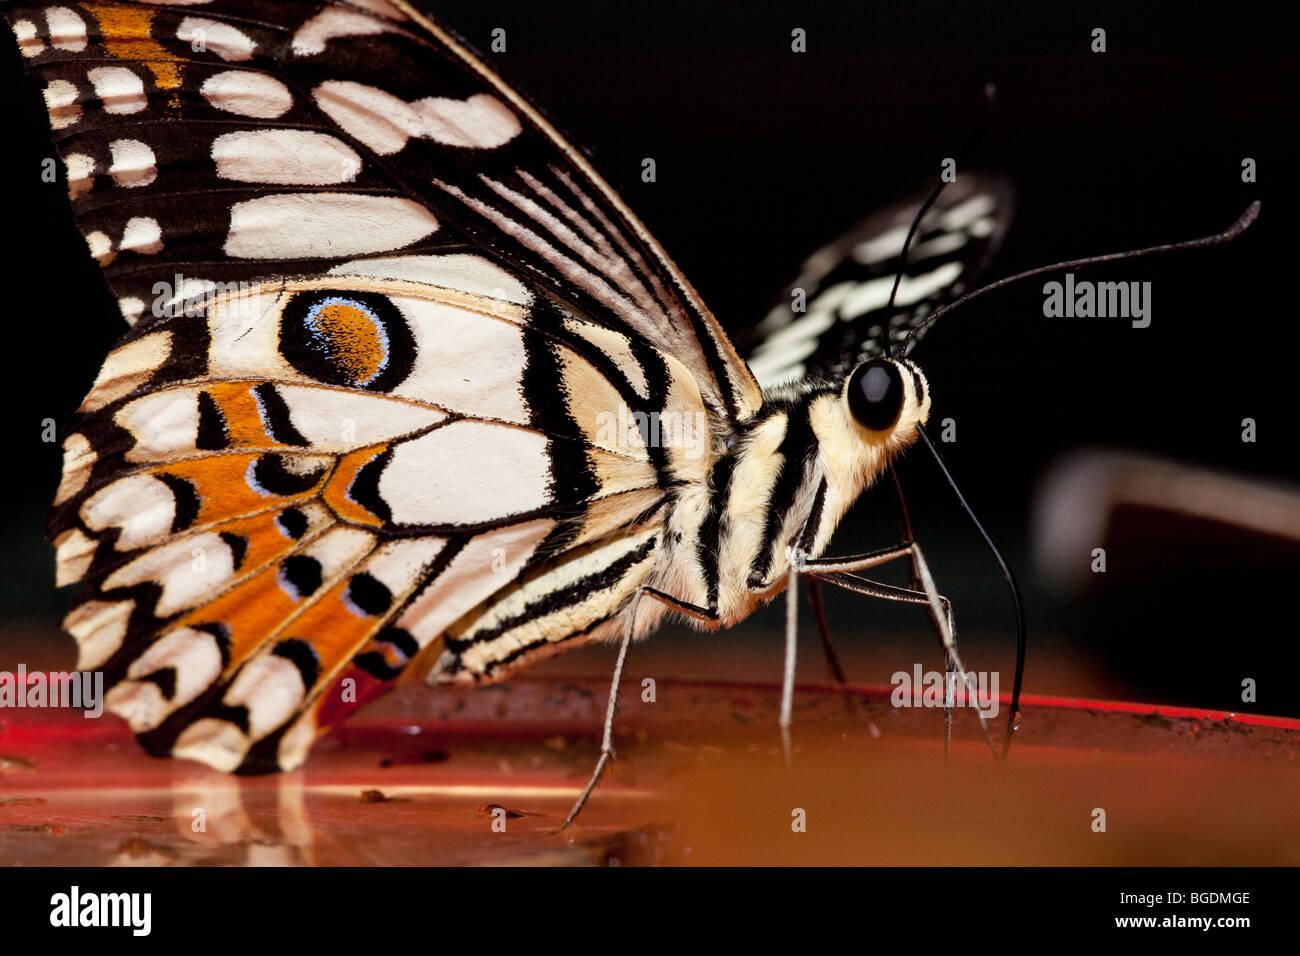 Calce comune Butterfly (Papilio demoleus), Parc de la Tête d'or (Golden Head Park), Lione, Francia Immagini Stock